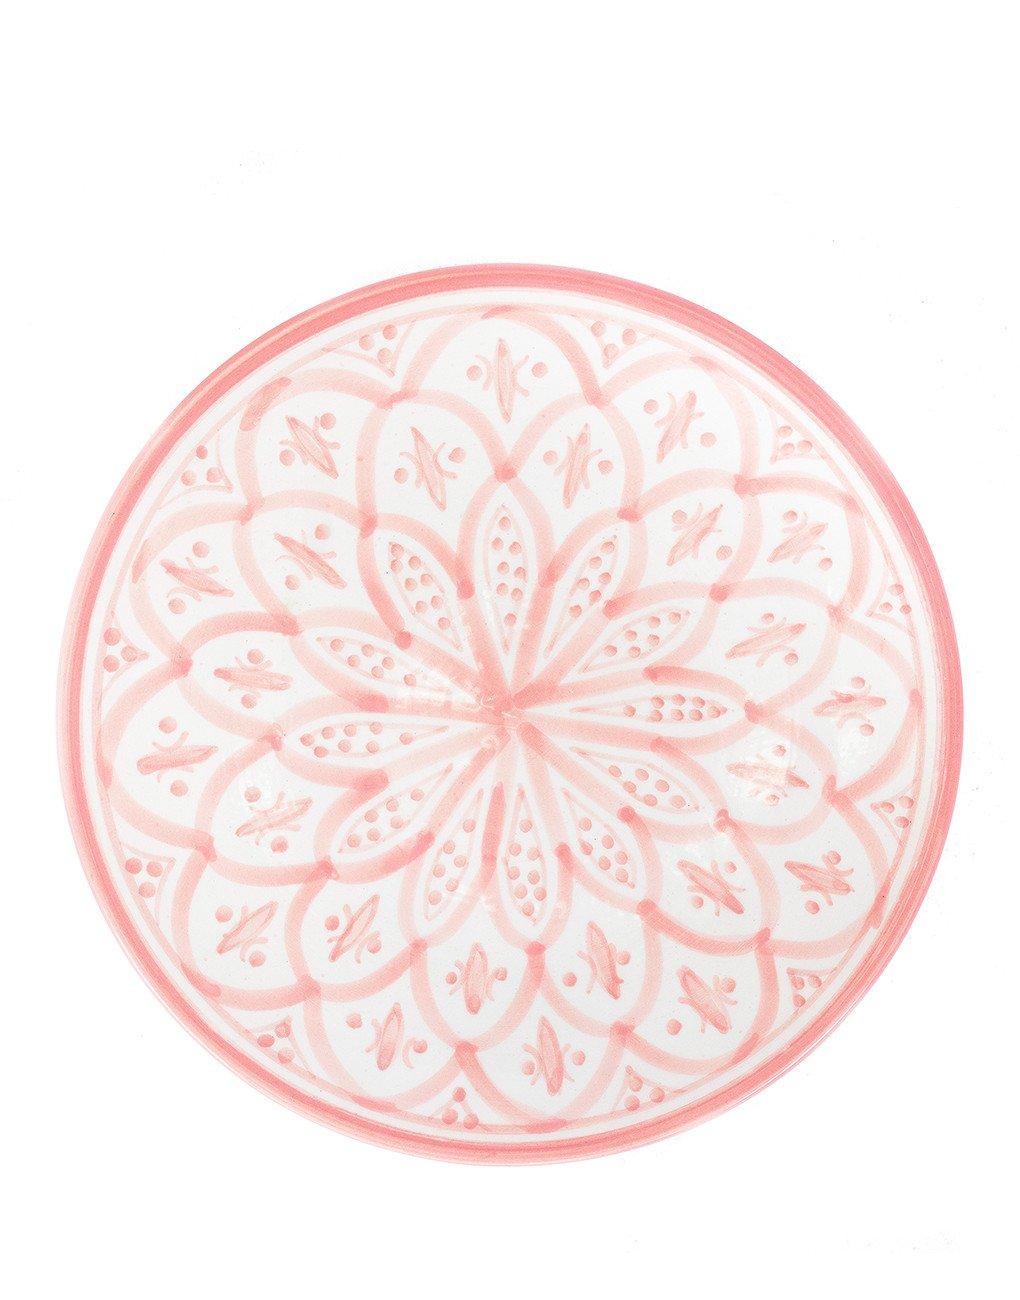 Ceramic-Dinner-Plate-Blush-_The_Little_Market.jpg